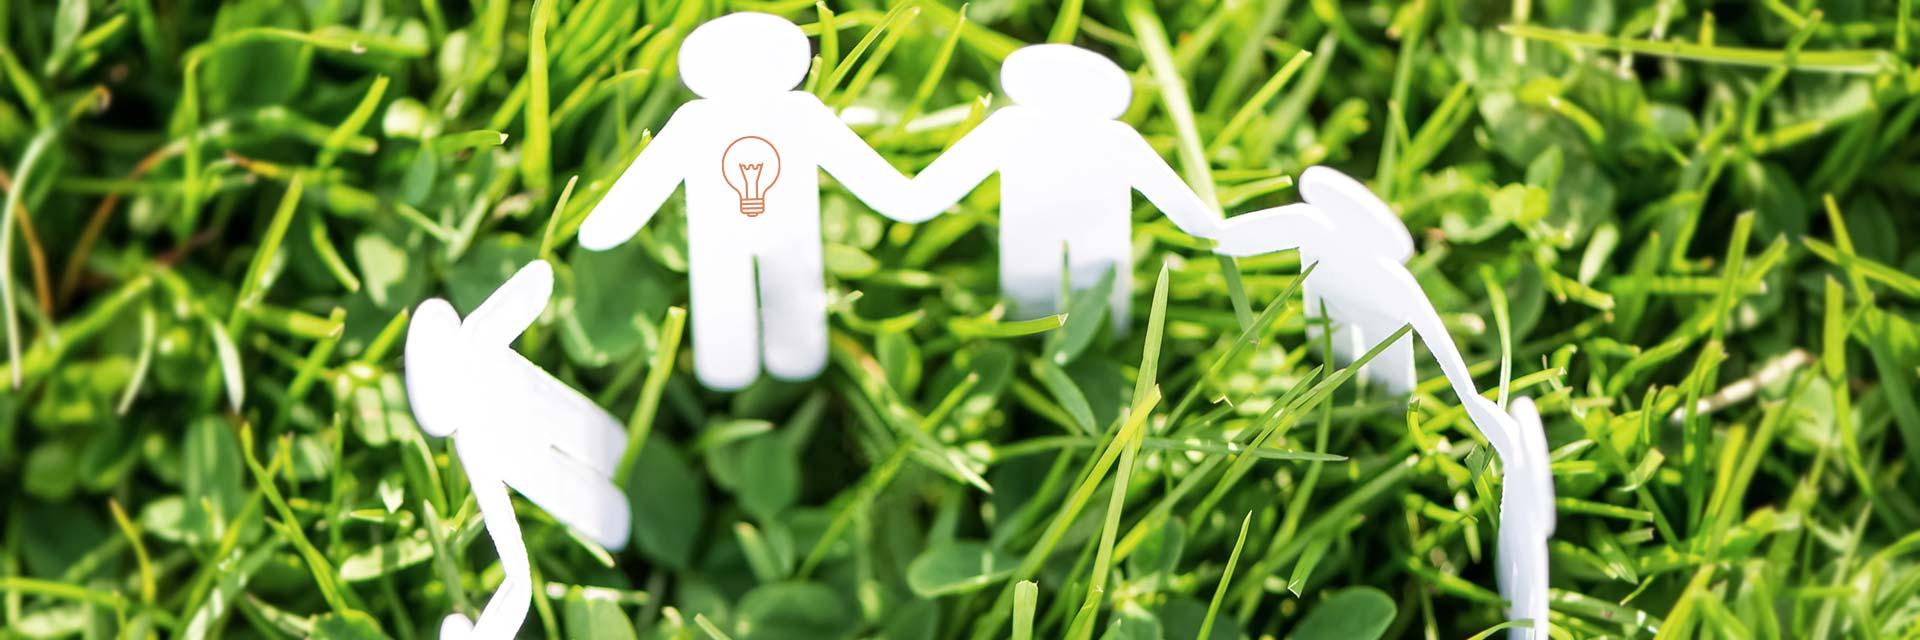 Konsultation ledarskap ledarcoachning illustrerat av pappfigurer i cirkel som håller varandra i händerna